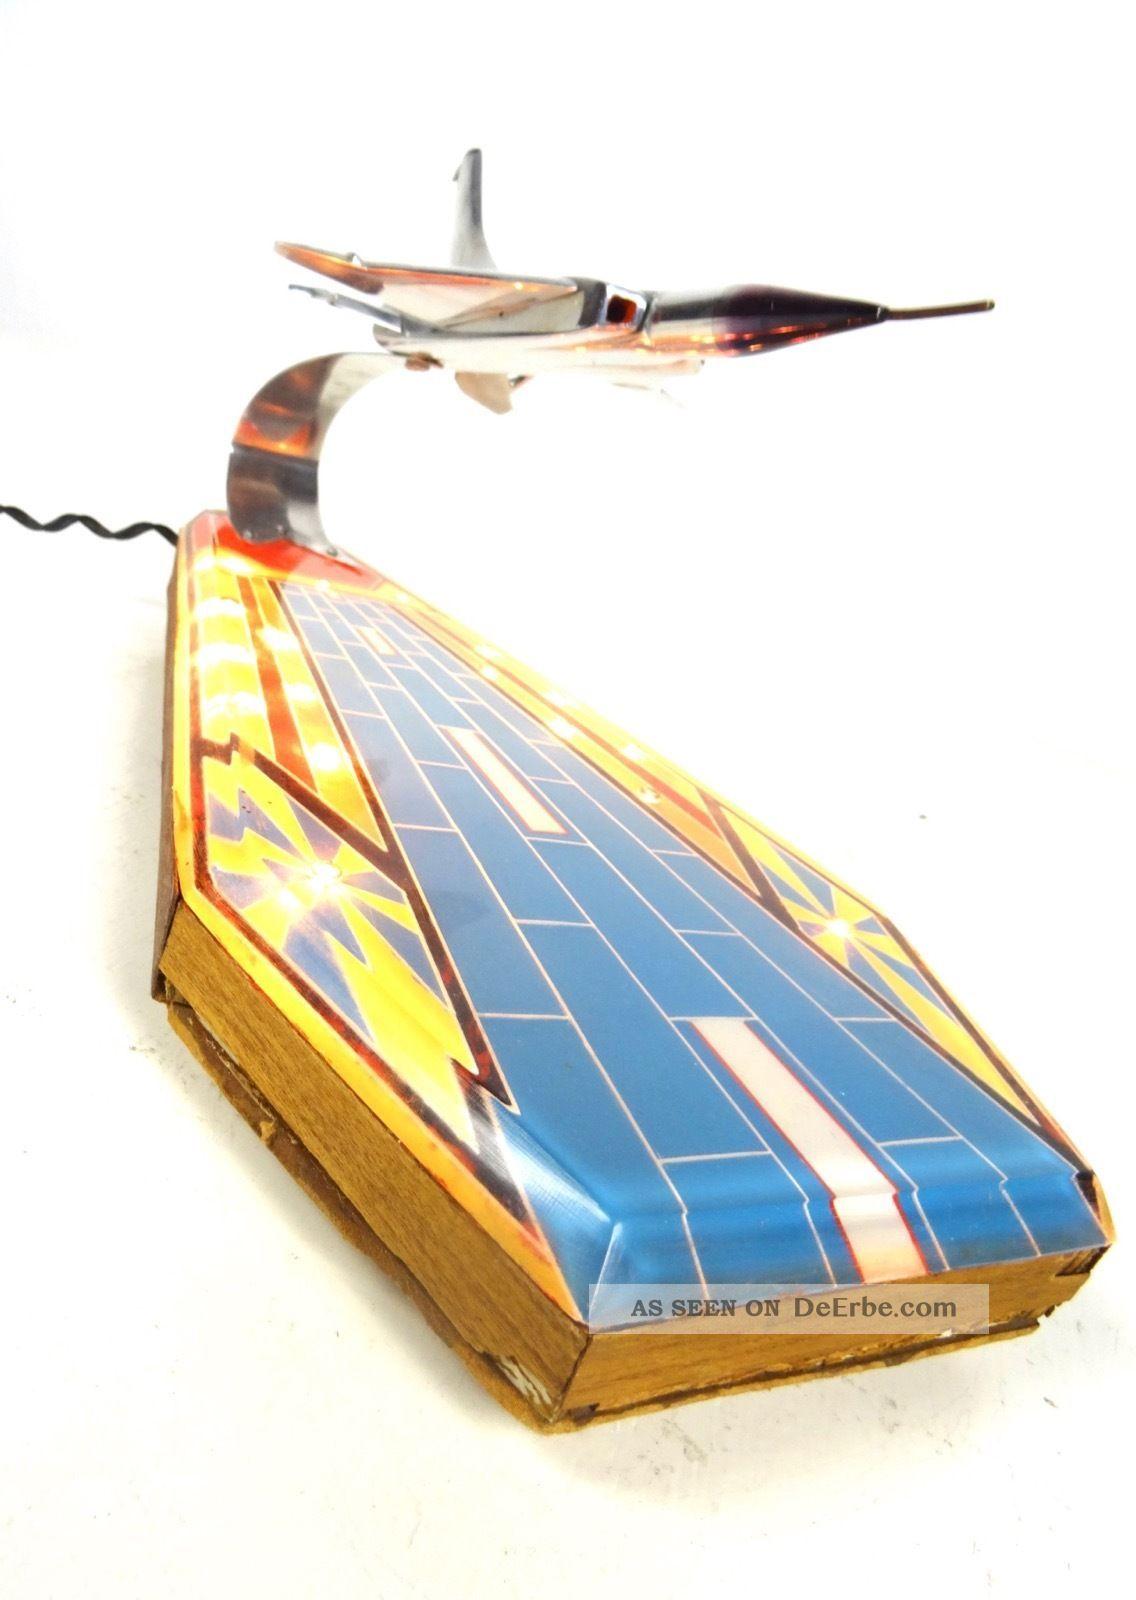 Seltenheit Space Age Lampe Flugzeug 70er Vintage Tischlampe 60er Luftfahrt Lamp 1970-1979 Bild